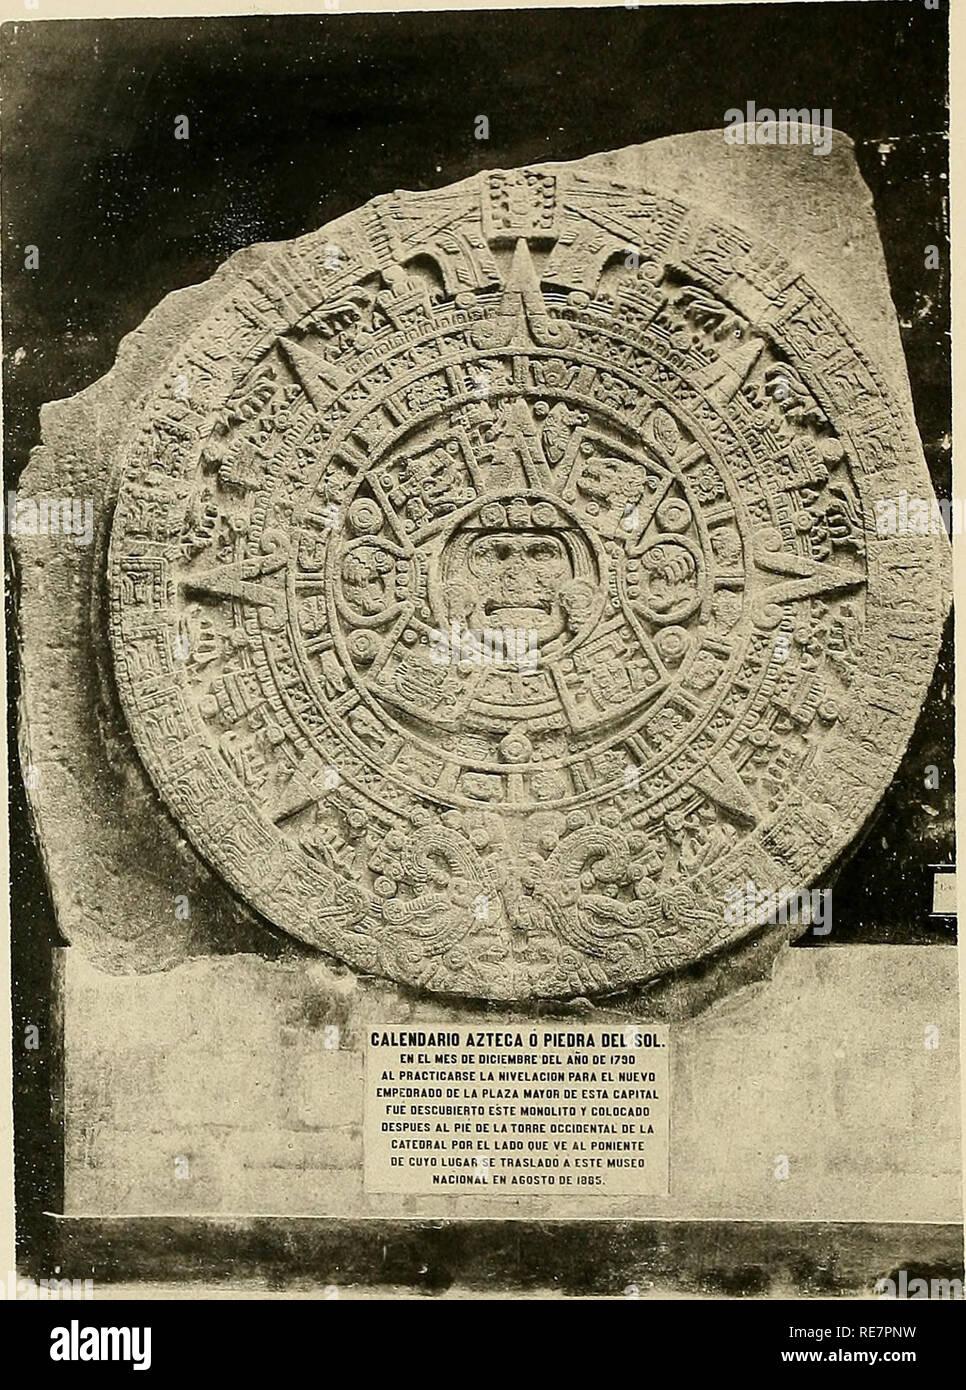 Calendario Azteca Piedra Del Sol Stock Photos Calendario Azteca